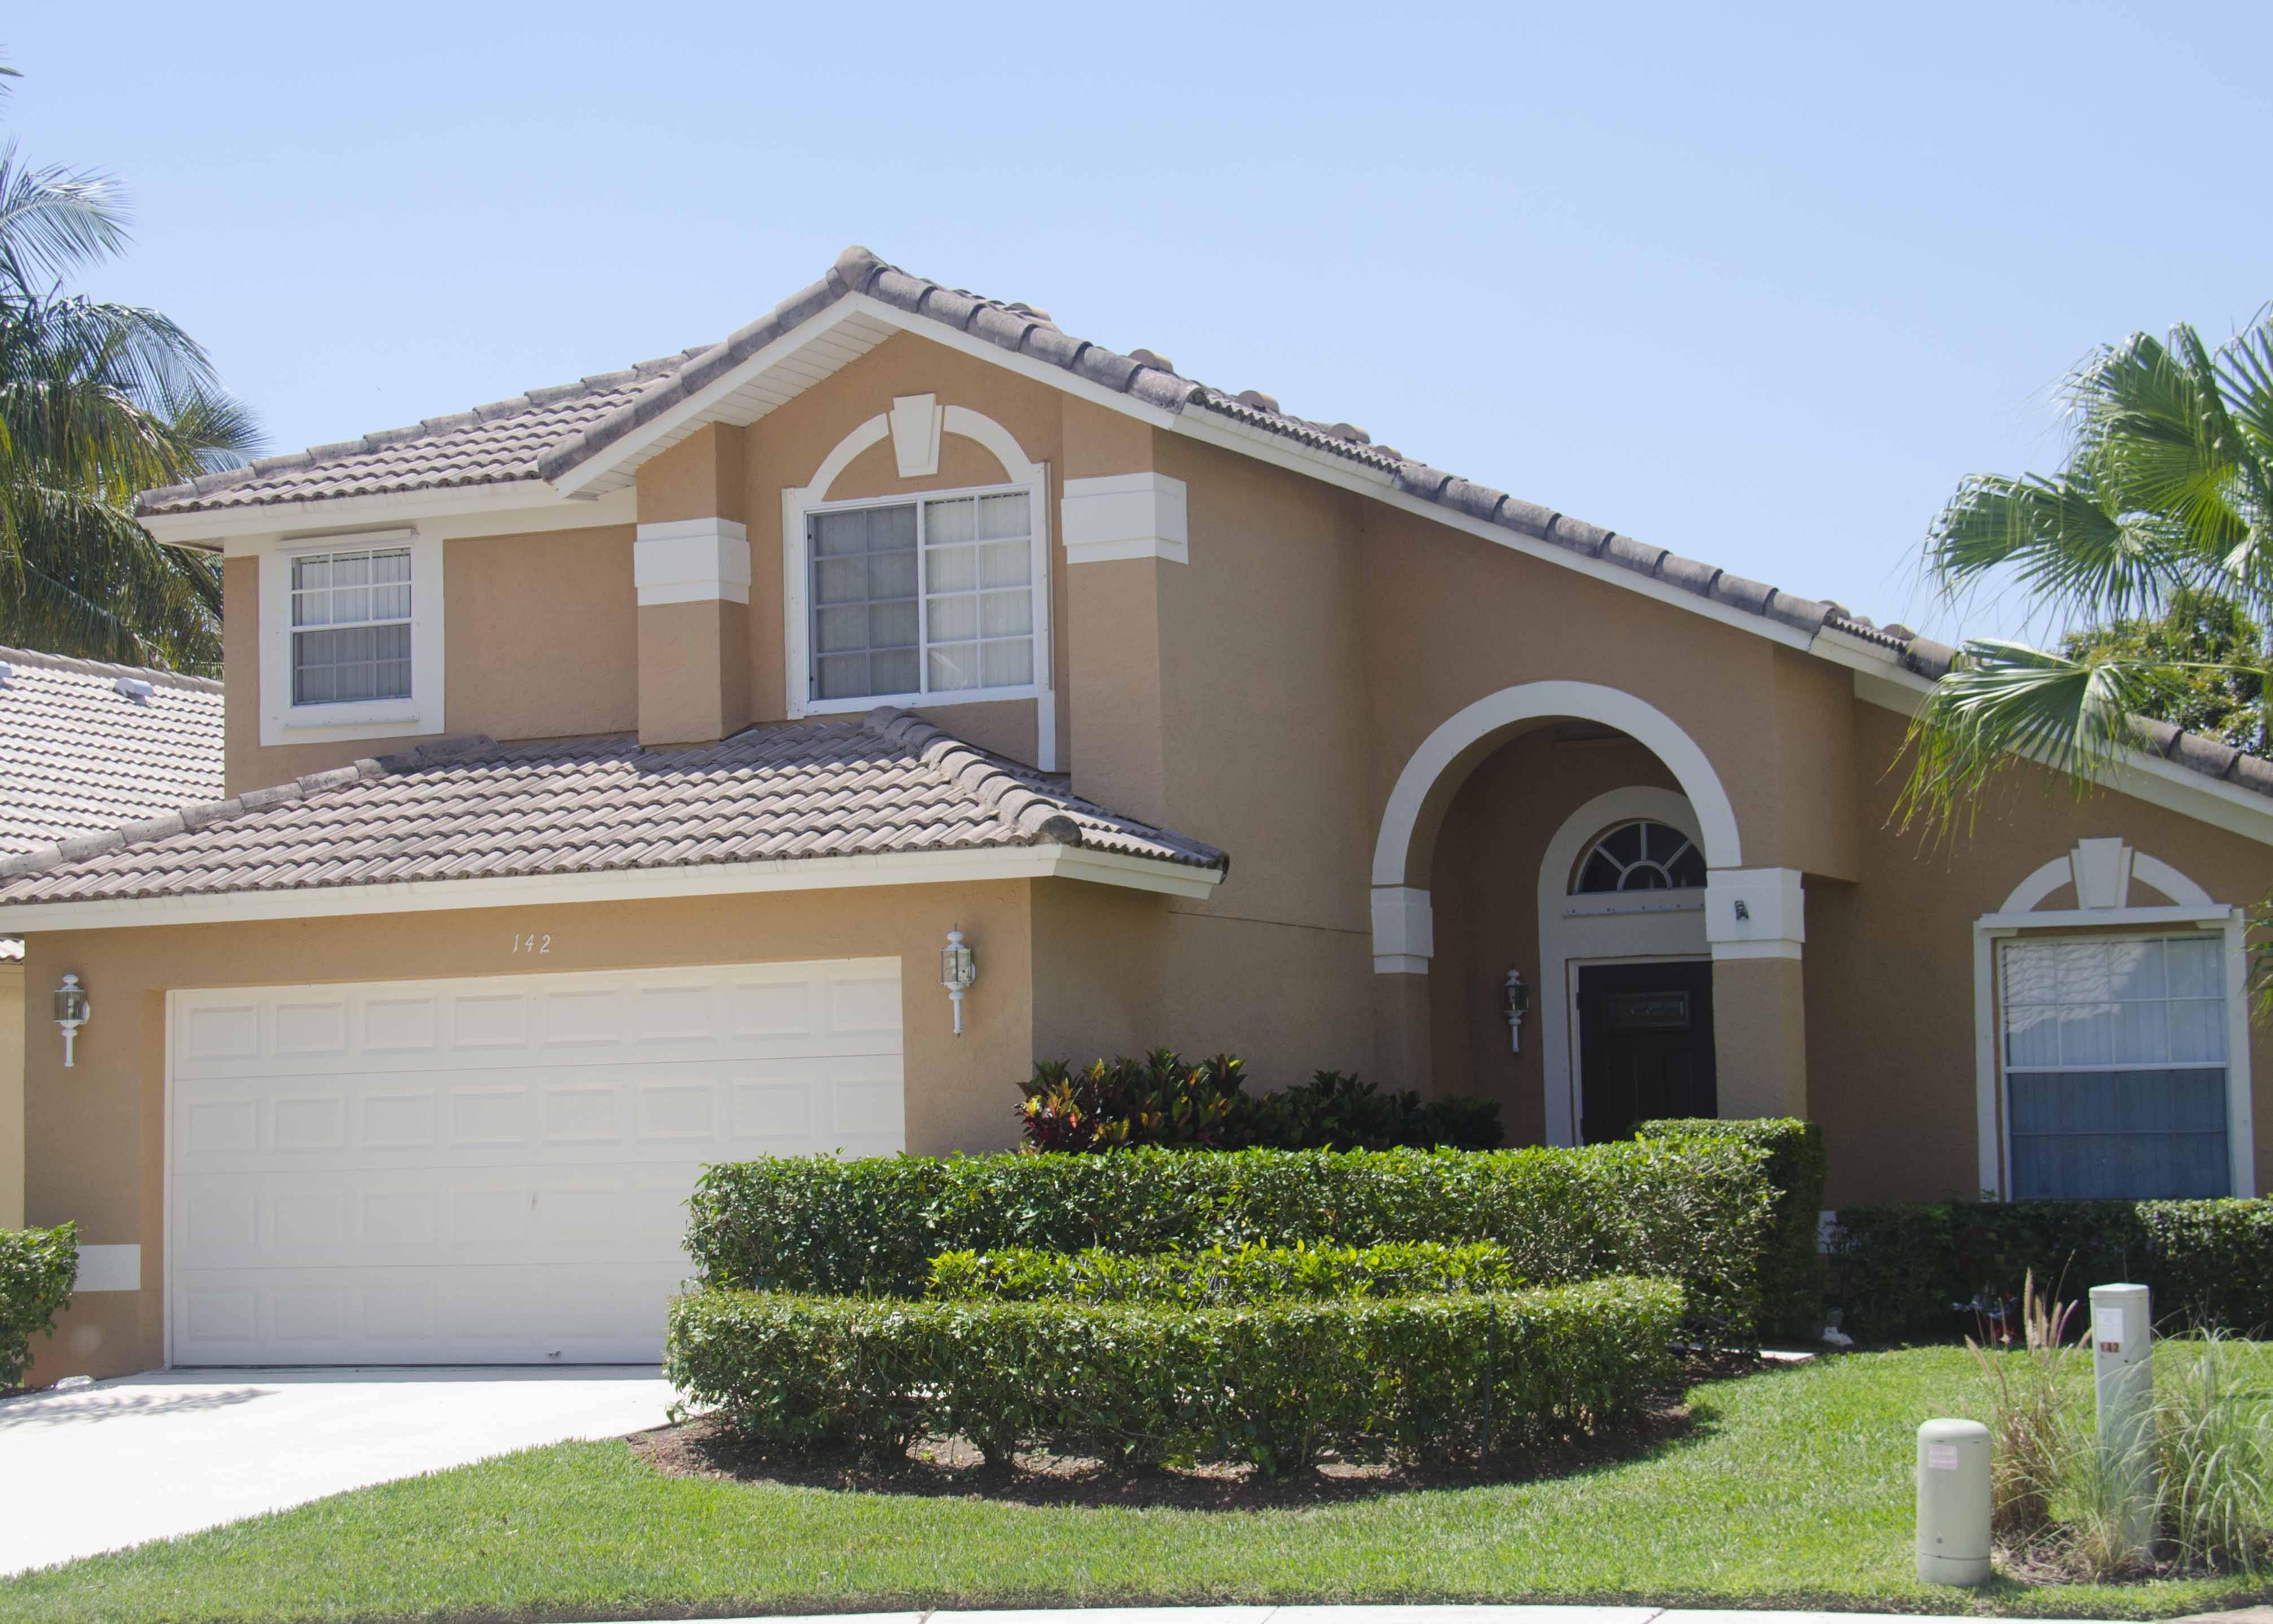 Homes For Sale In Maplewood Jupiter Fl